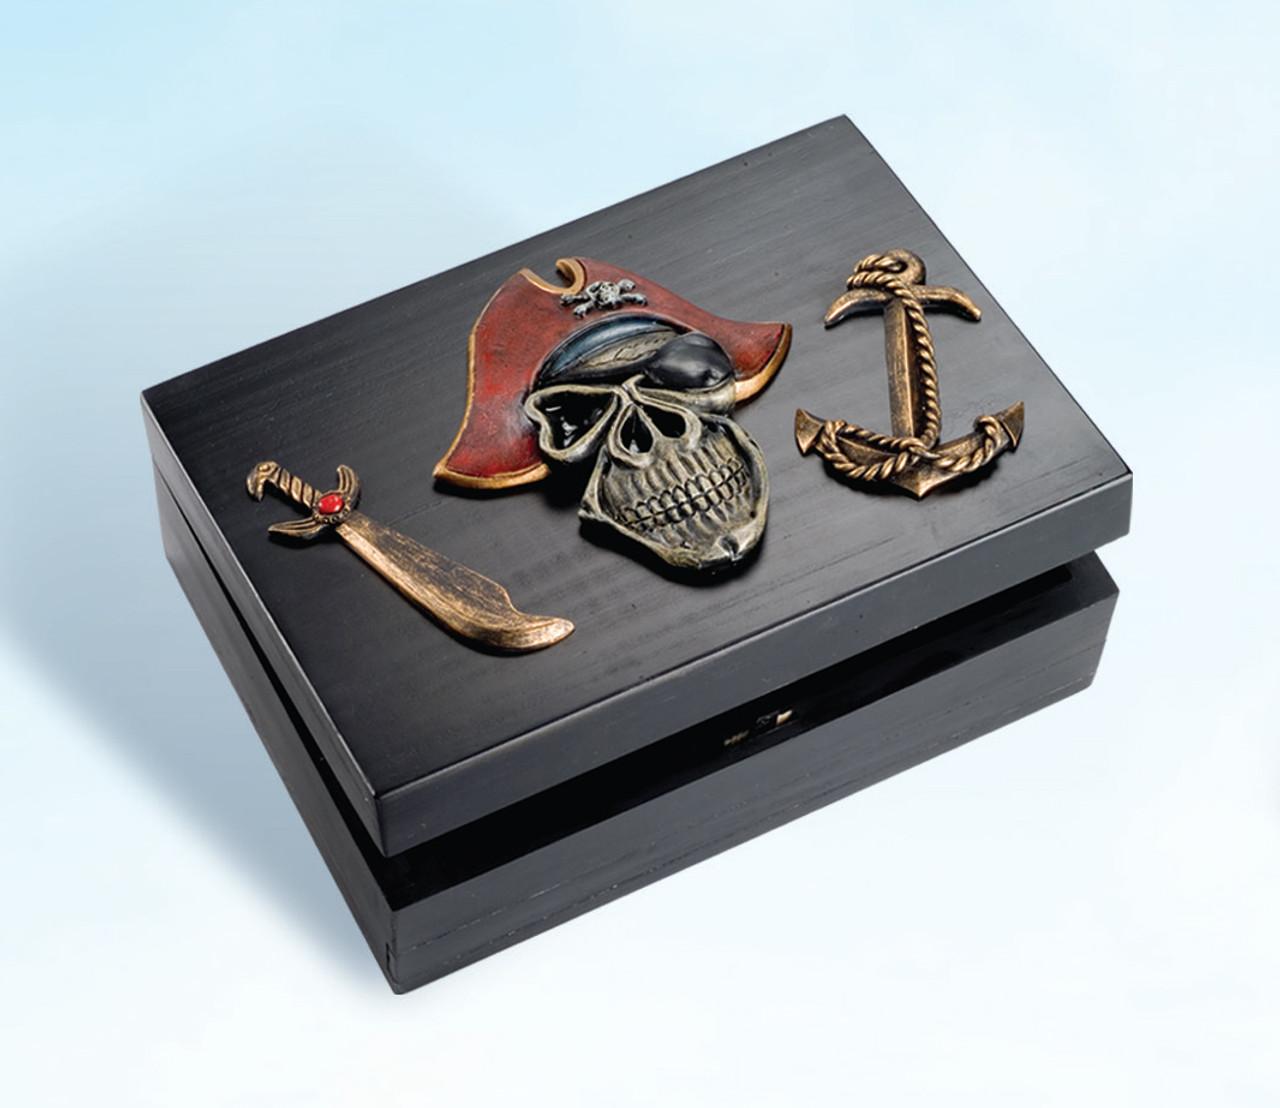 Decorative Pirate Treasure Box